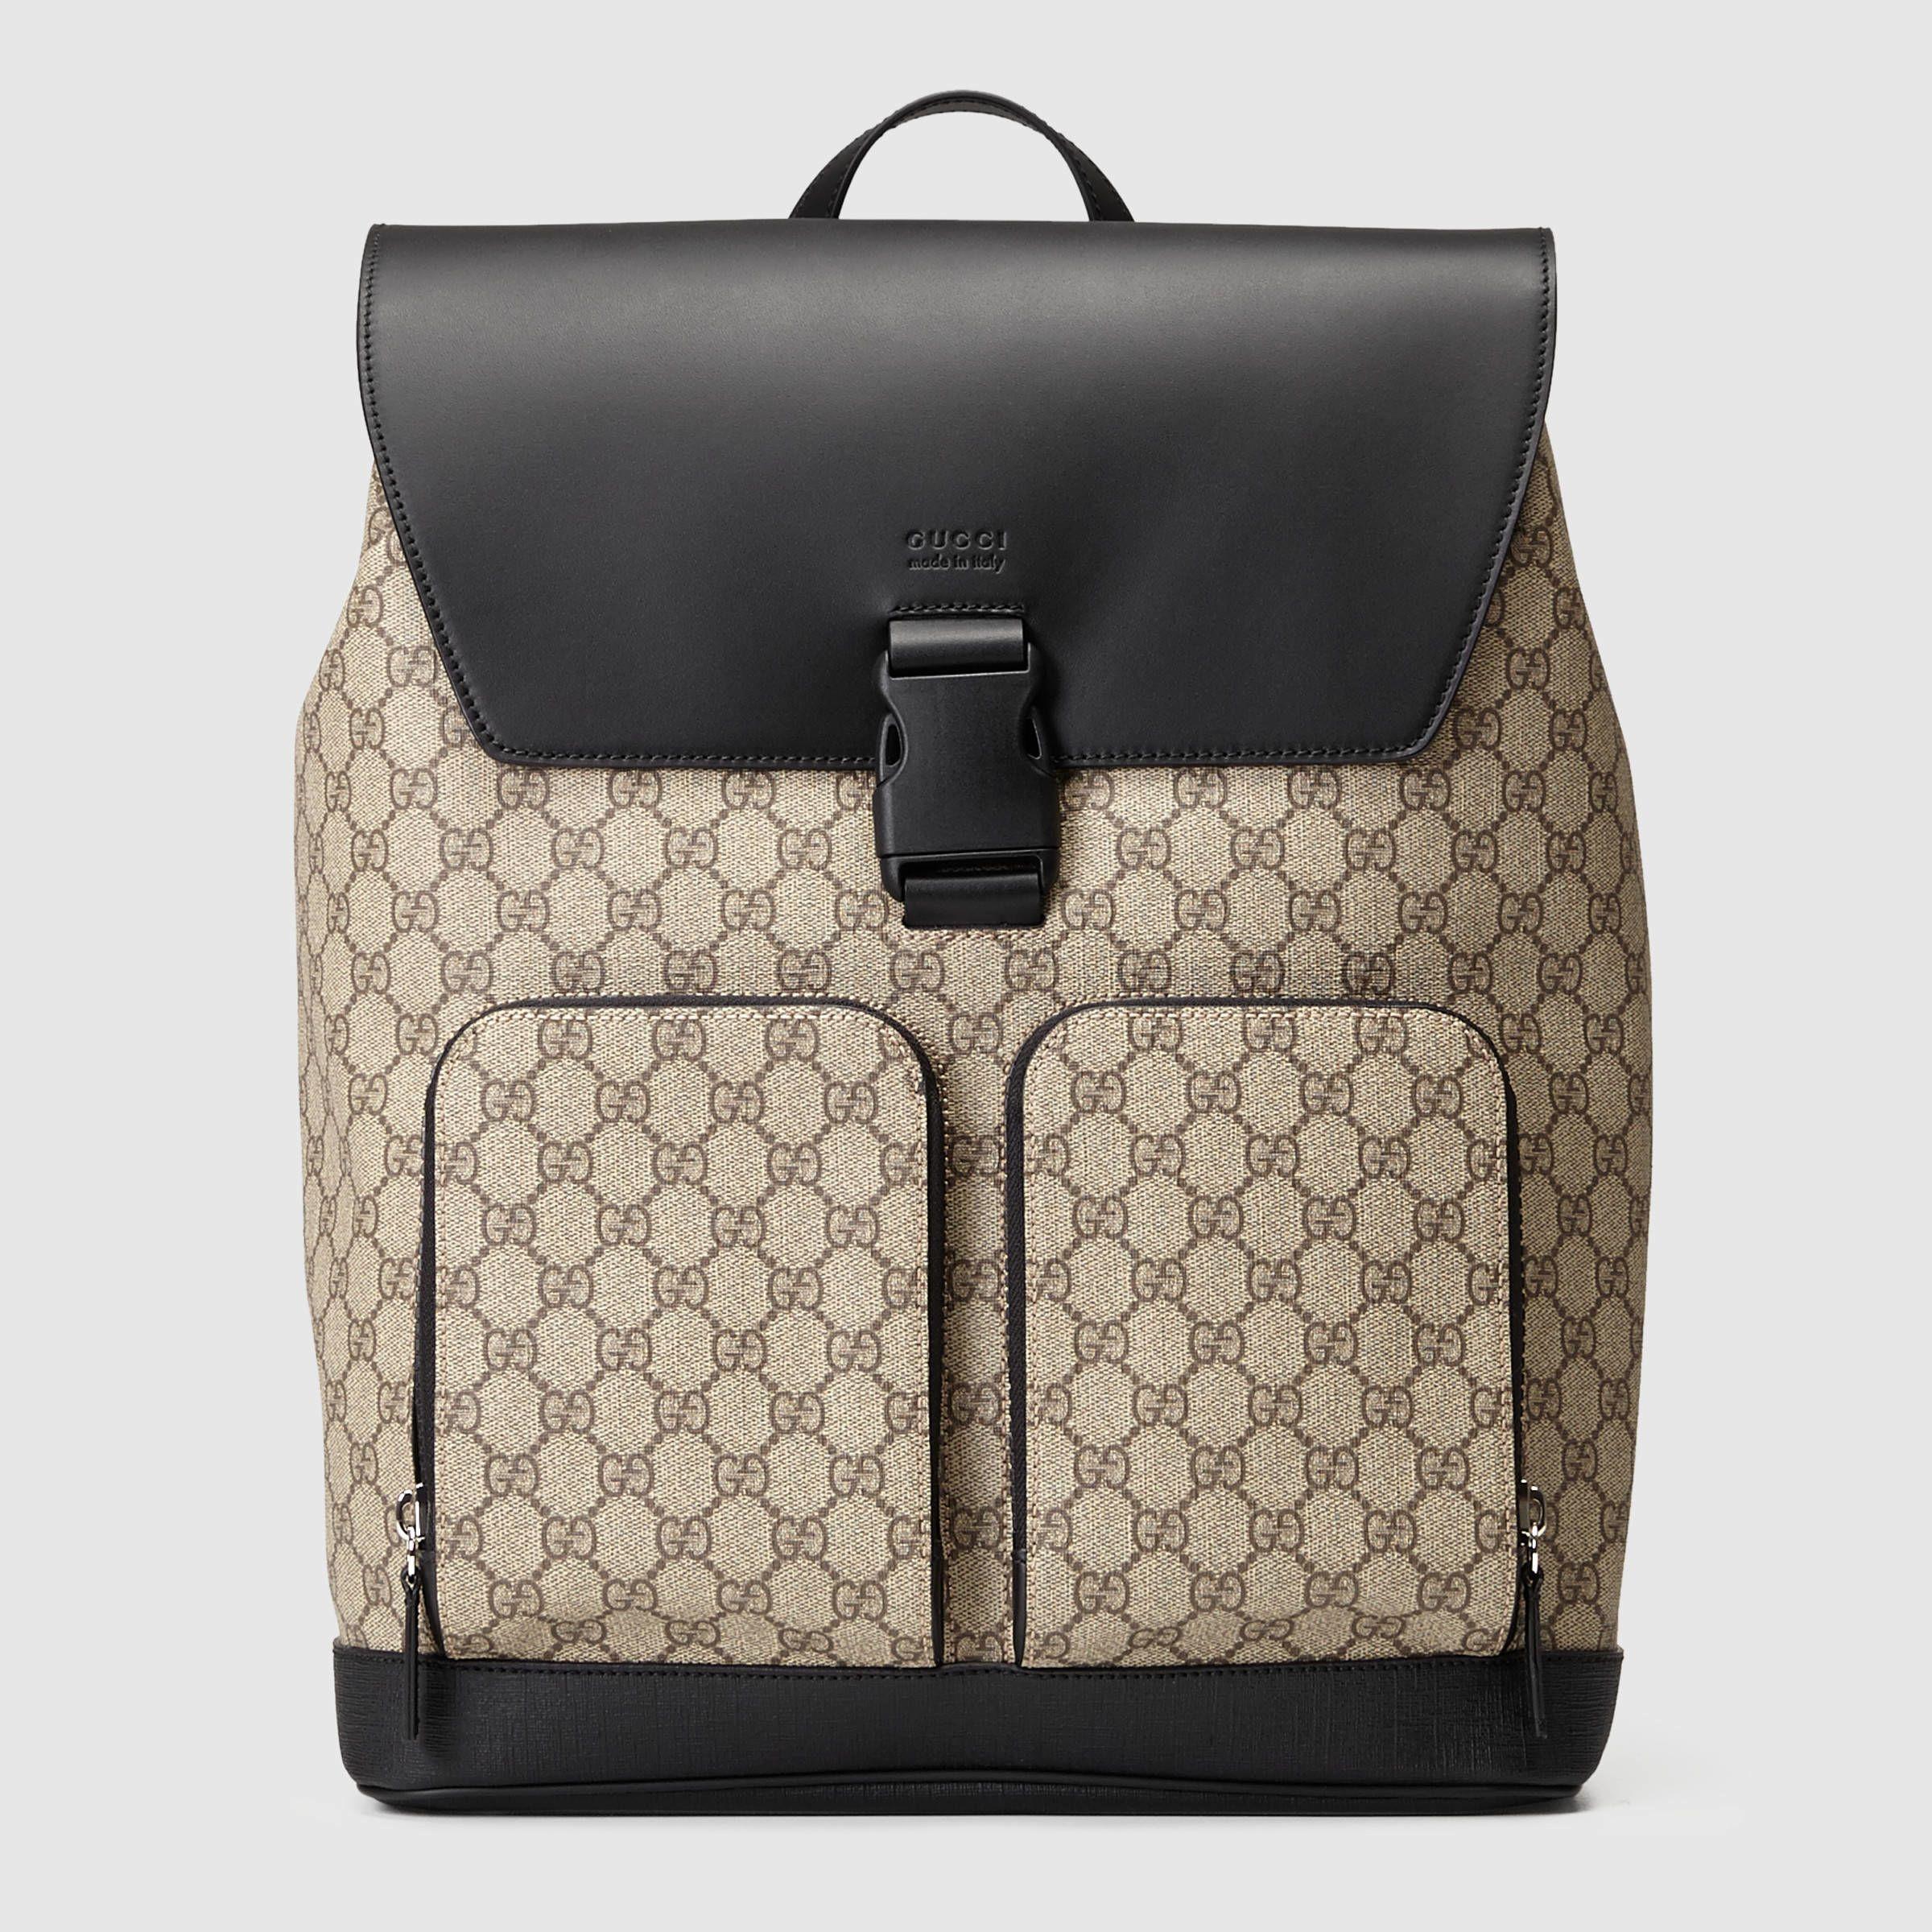 dd63df304c931a gucci canvas | Gucci Gg Supreme Backpack in Multicolour (GG supreme canvas)  | Lyst